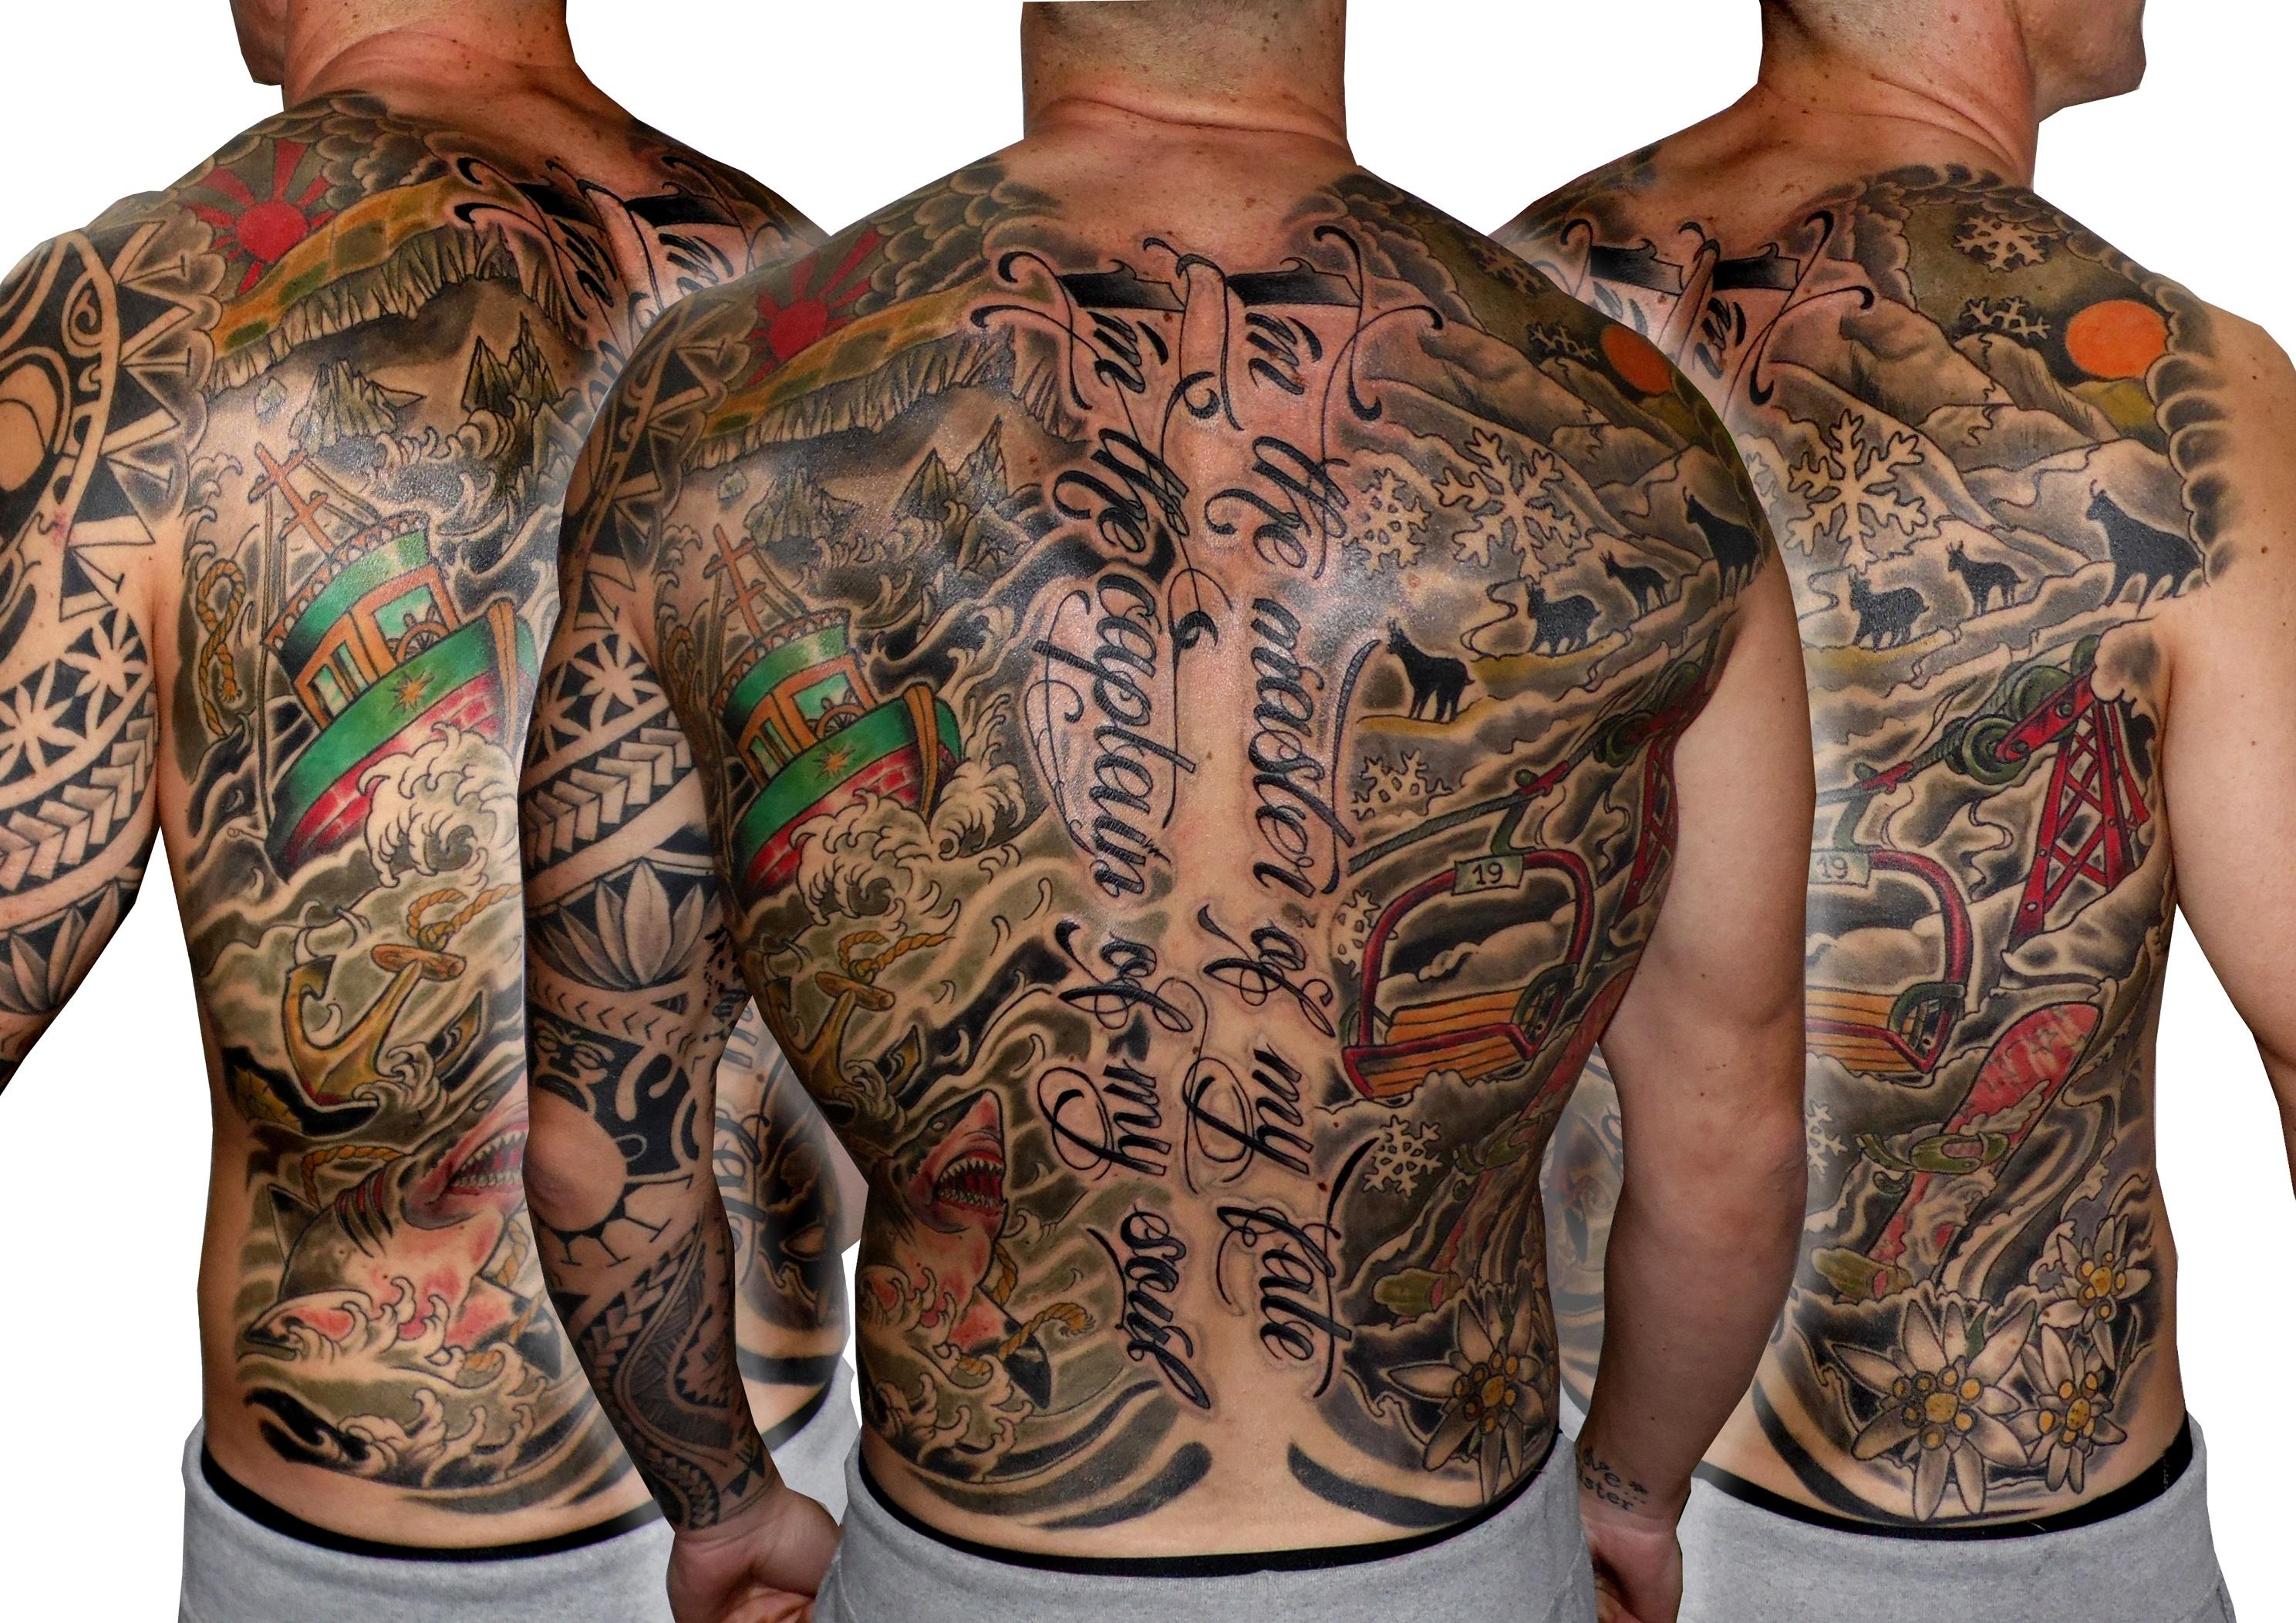 tattoo tatuaje espalda entera lettering barco paisaje montaña tiburón esquí nieve flor tribal color black grey 13depicas jaca huesca